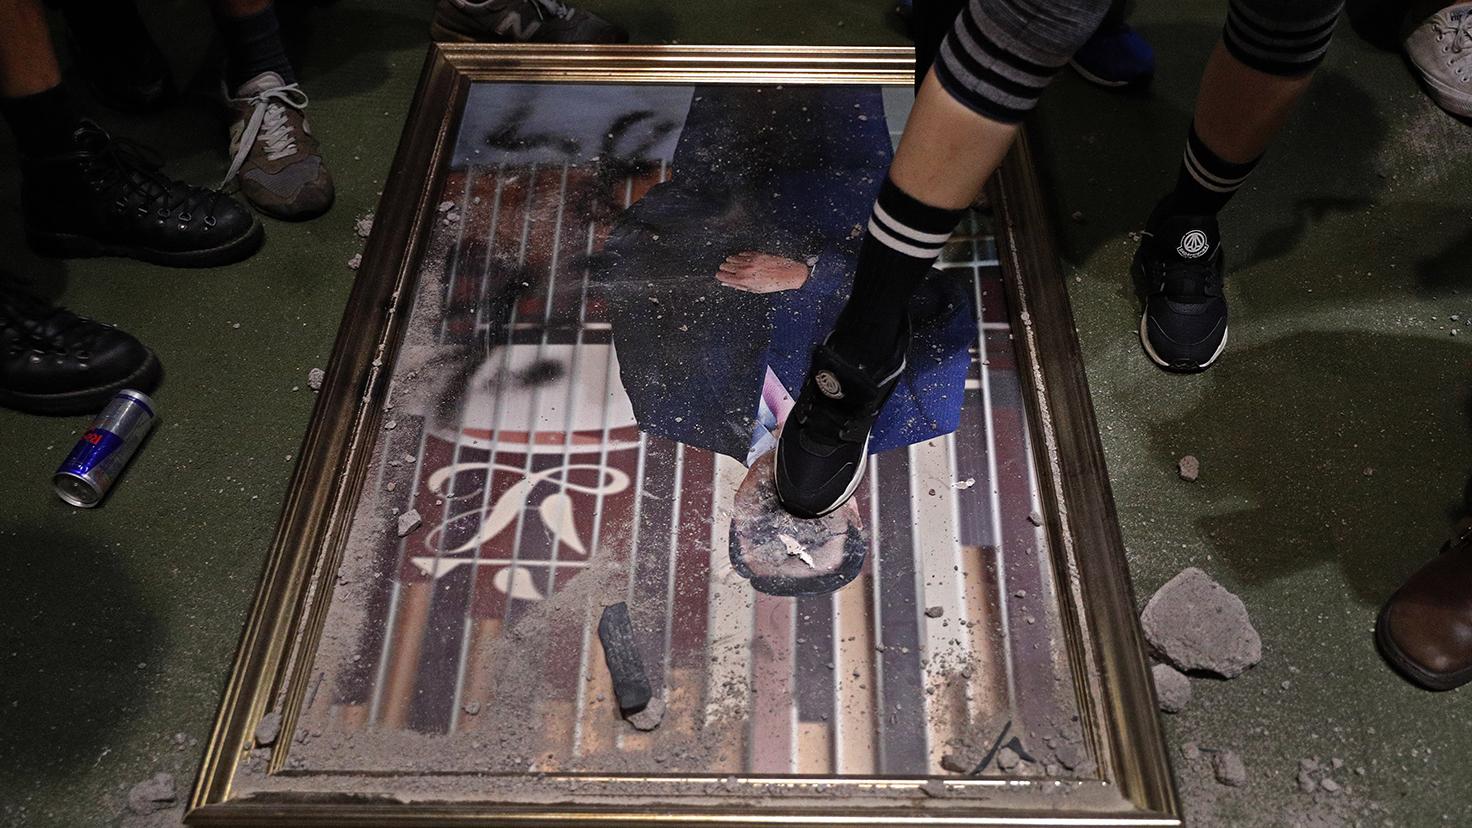 香港反对《逃犯条例》修订示威人士冲进香港立法会大楼拆下立法会领袖画像踩踏。(美联社)